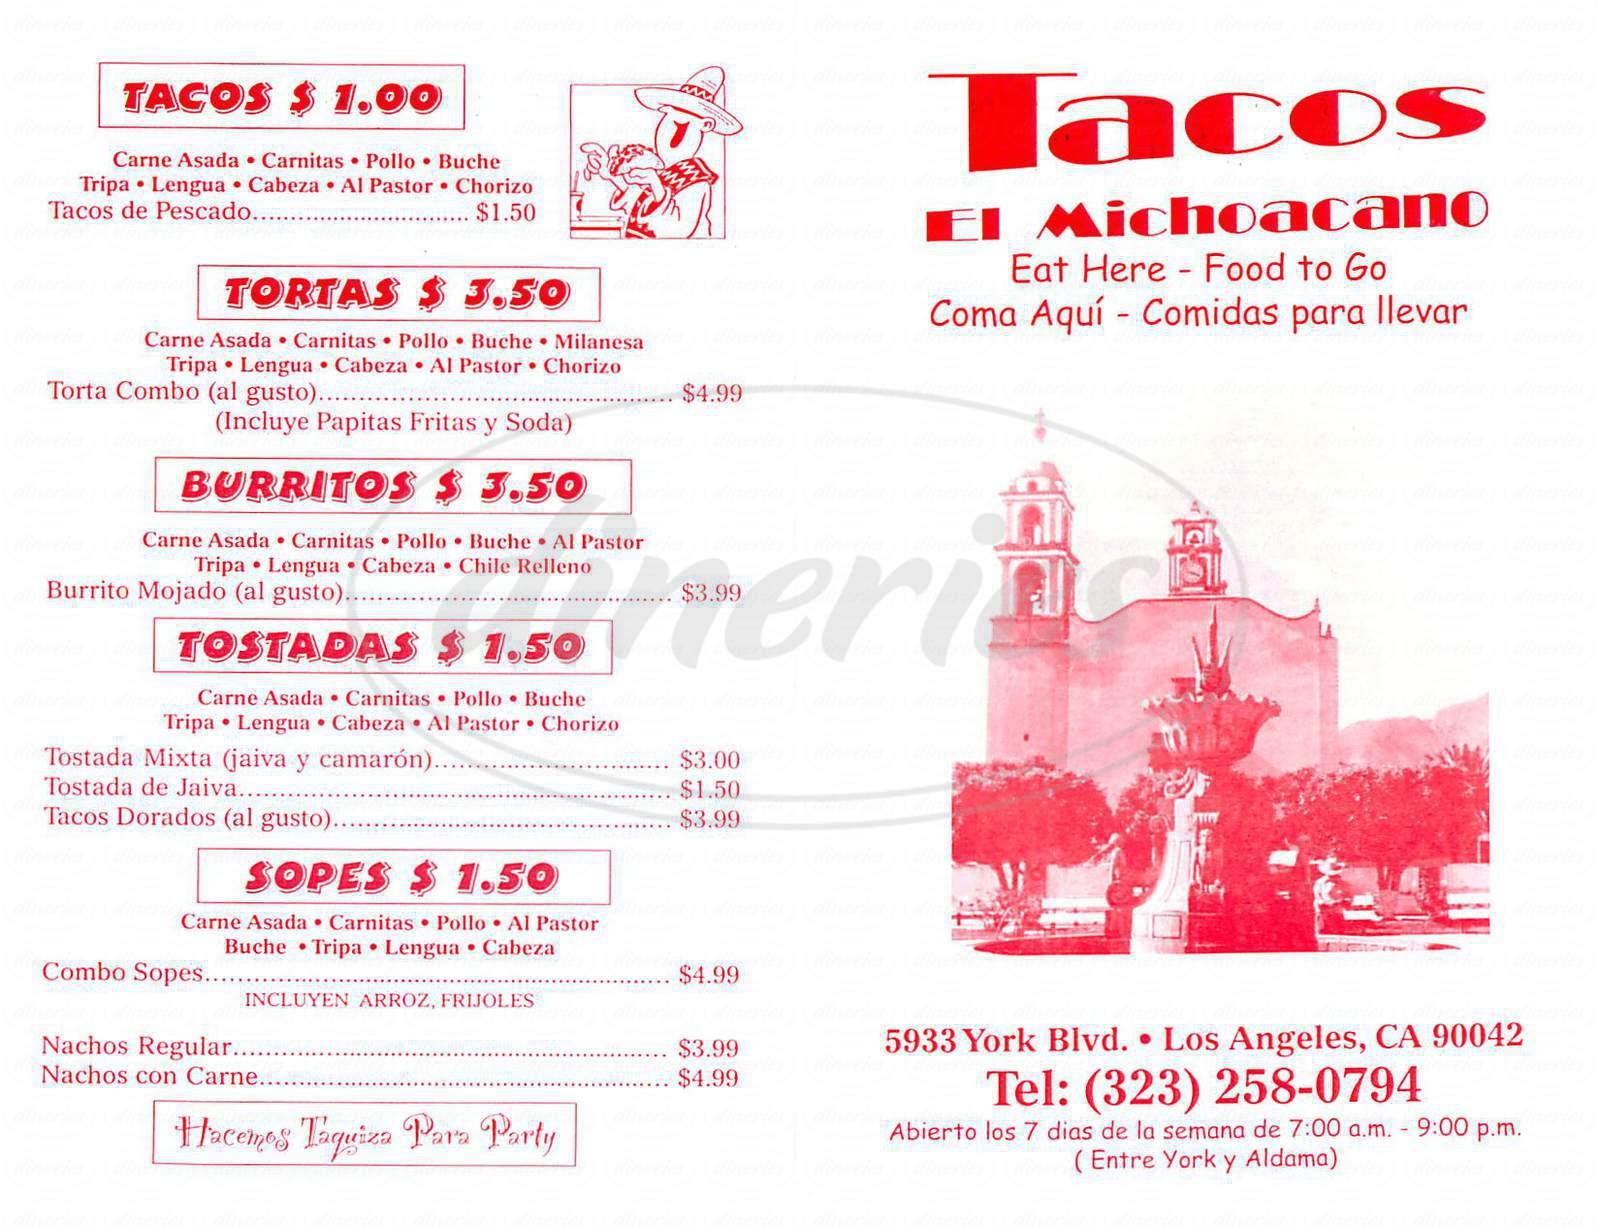 menu for Taco el Michoacano